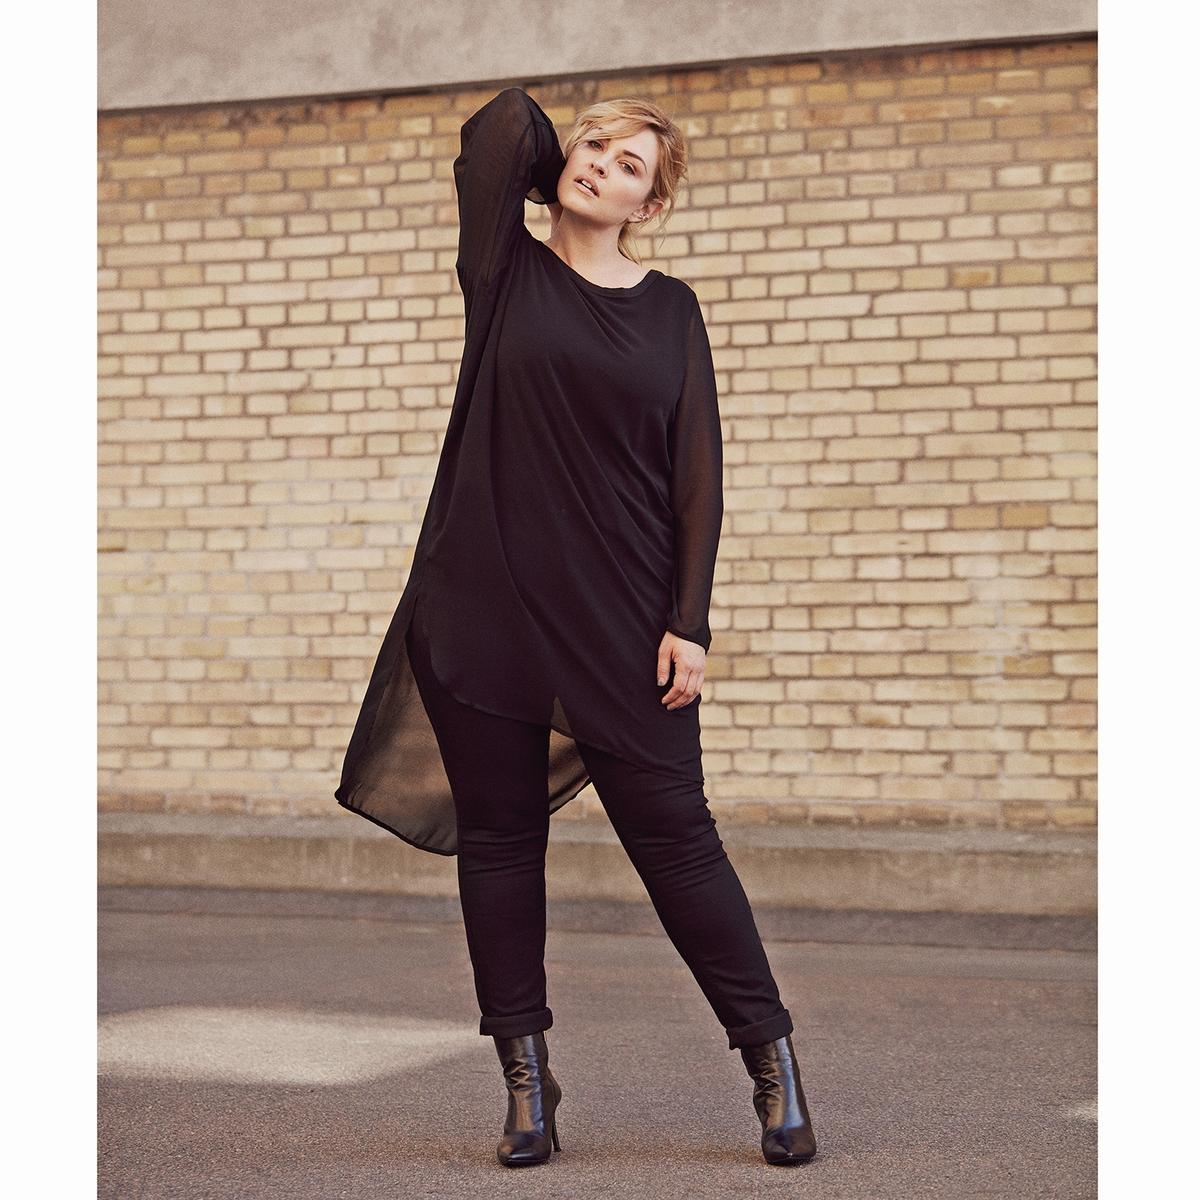 ПлатьеКрасивое и элегантное платье Zizzi. Платье длиннее сзади, красивые разрезы по бокам. Прозрачные рукава.<br><br>Цвет: черный<br>Размер: 42/44 (FR) - 48/50 (RUS)